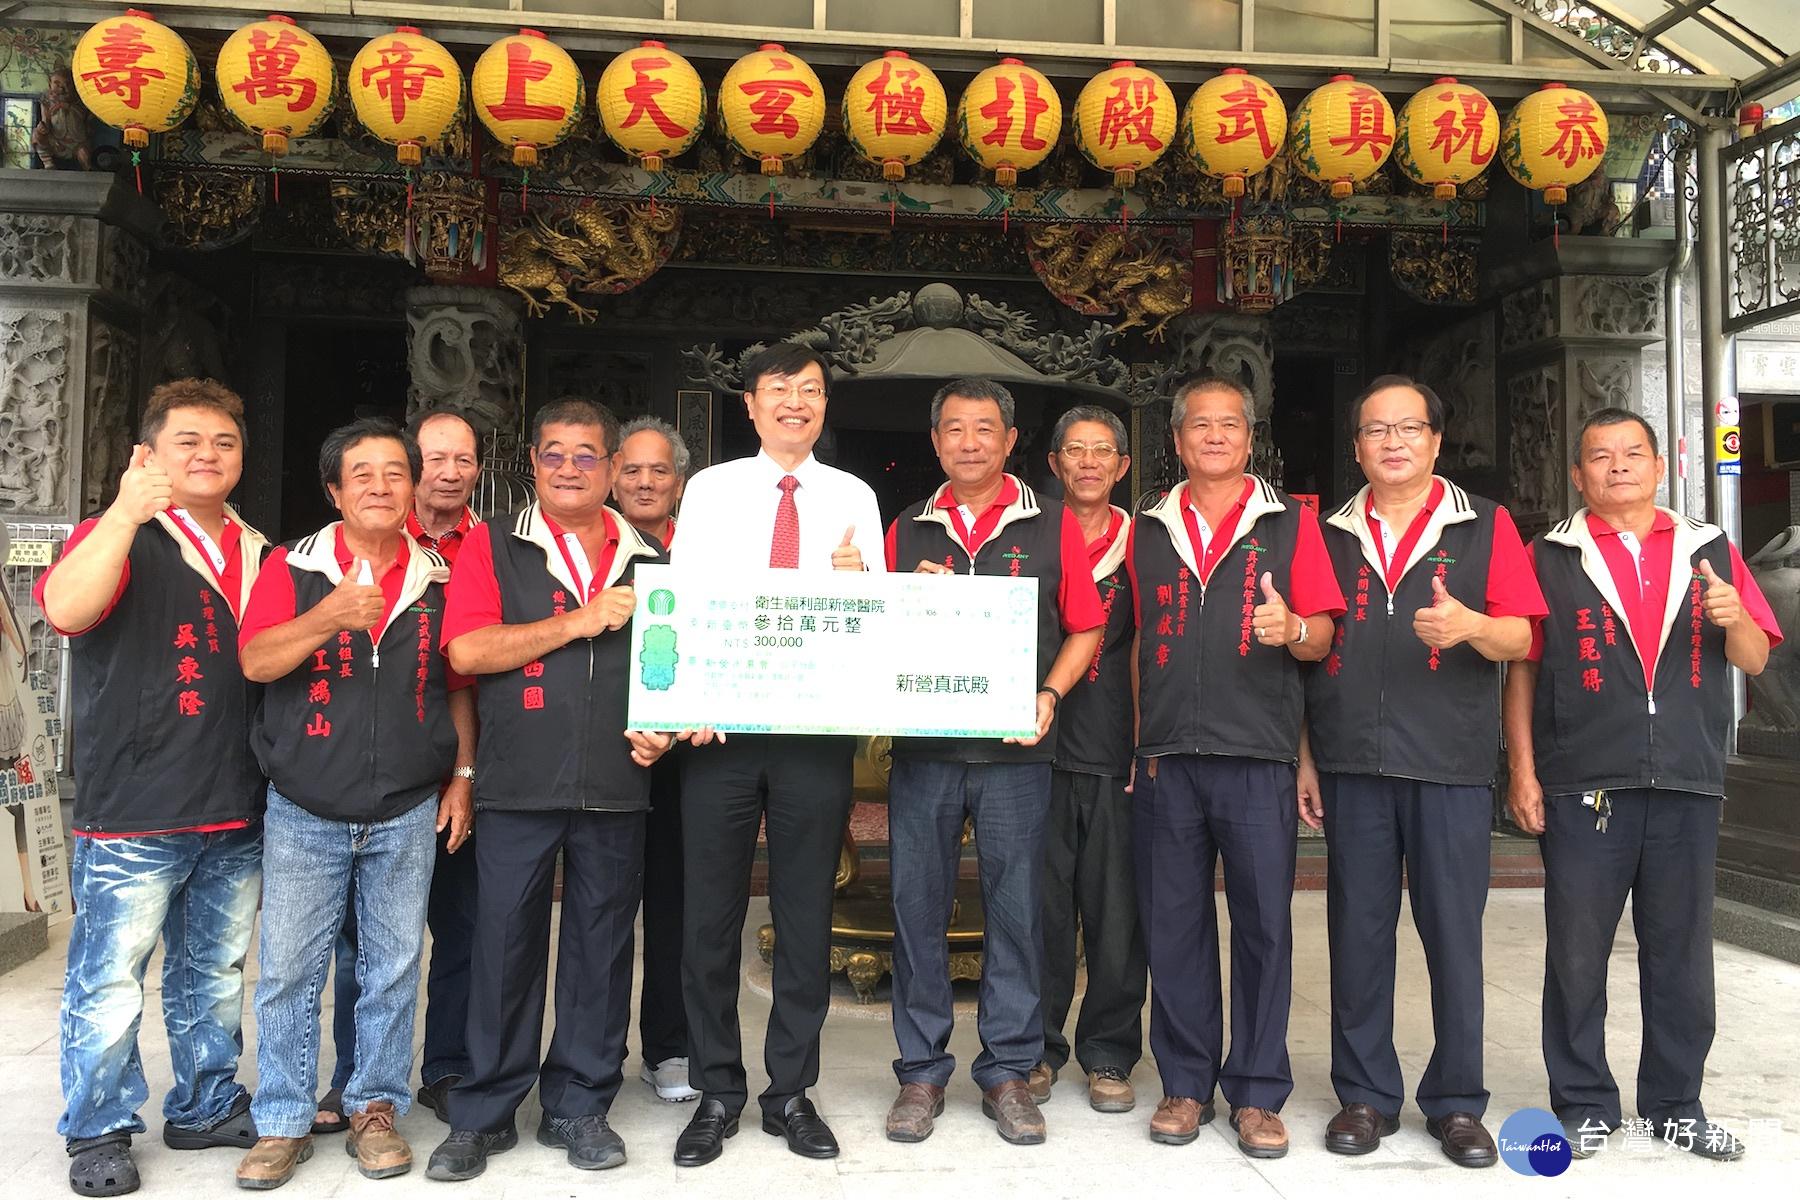 減輕貧病就醫負擔  台南新營區真武殿善心捐款新營醫院